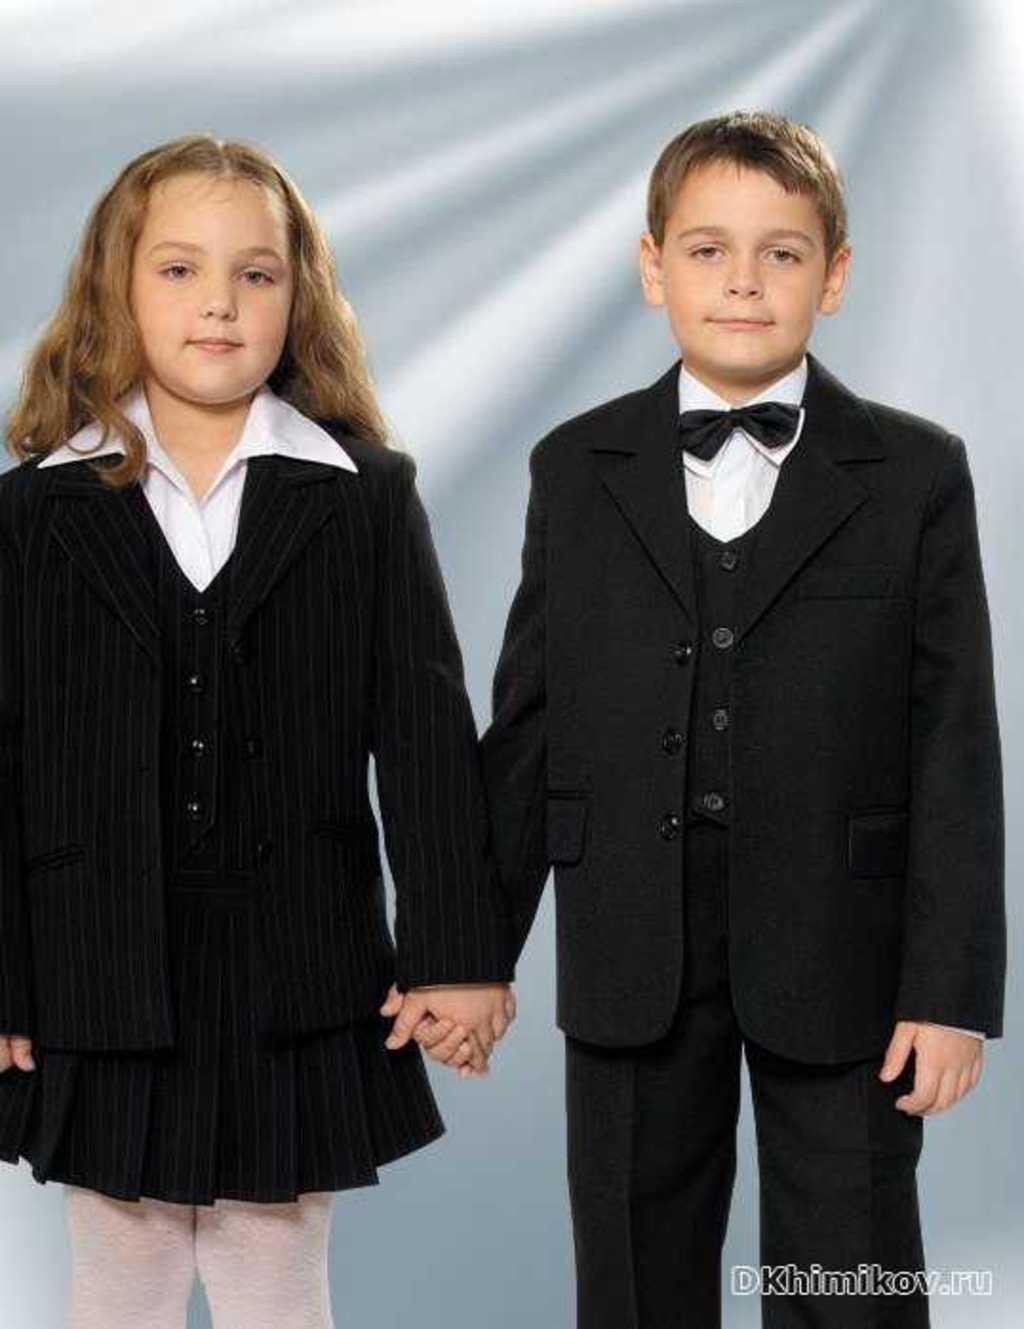 Сайт учителя начальных классов / Солнышко О деловом стиле одежды